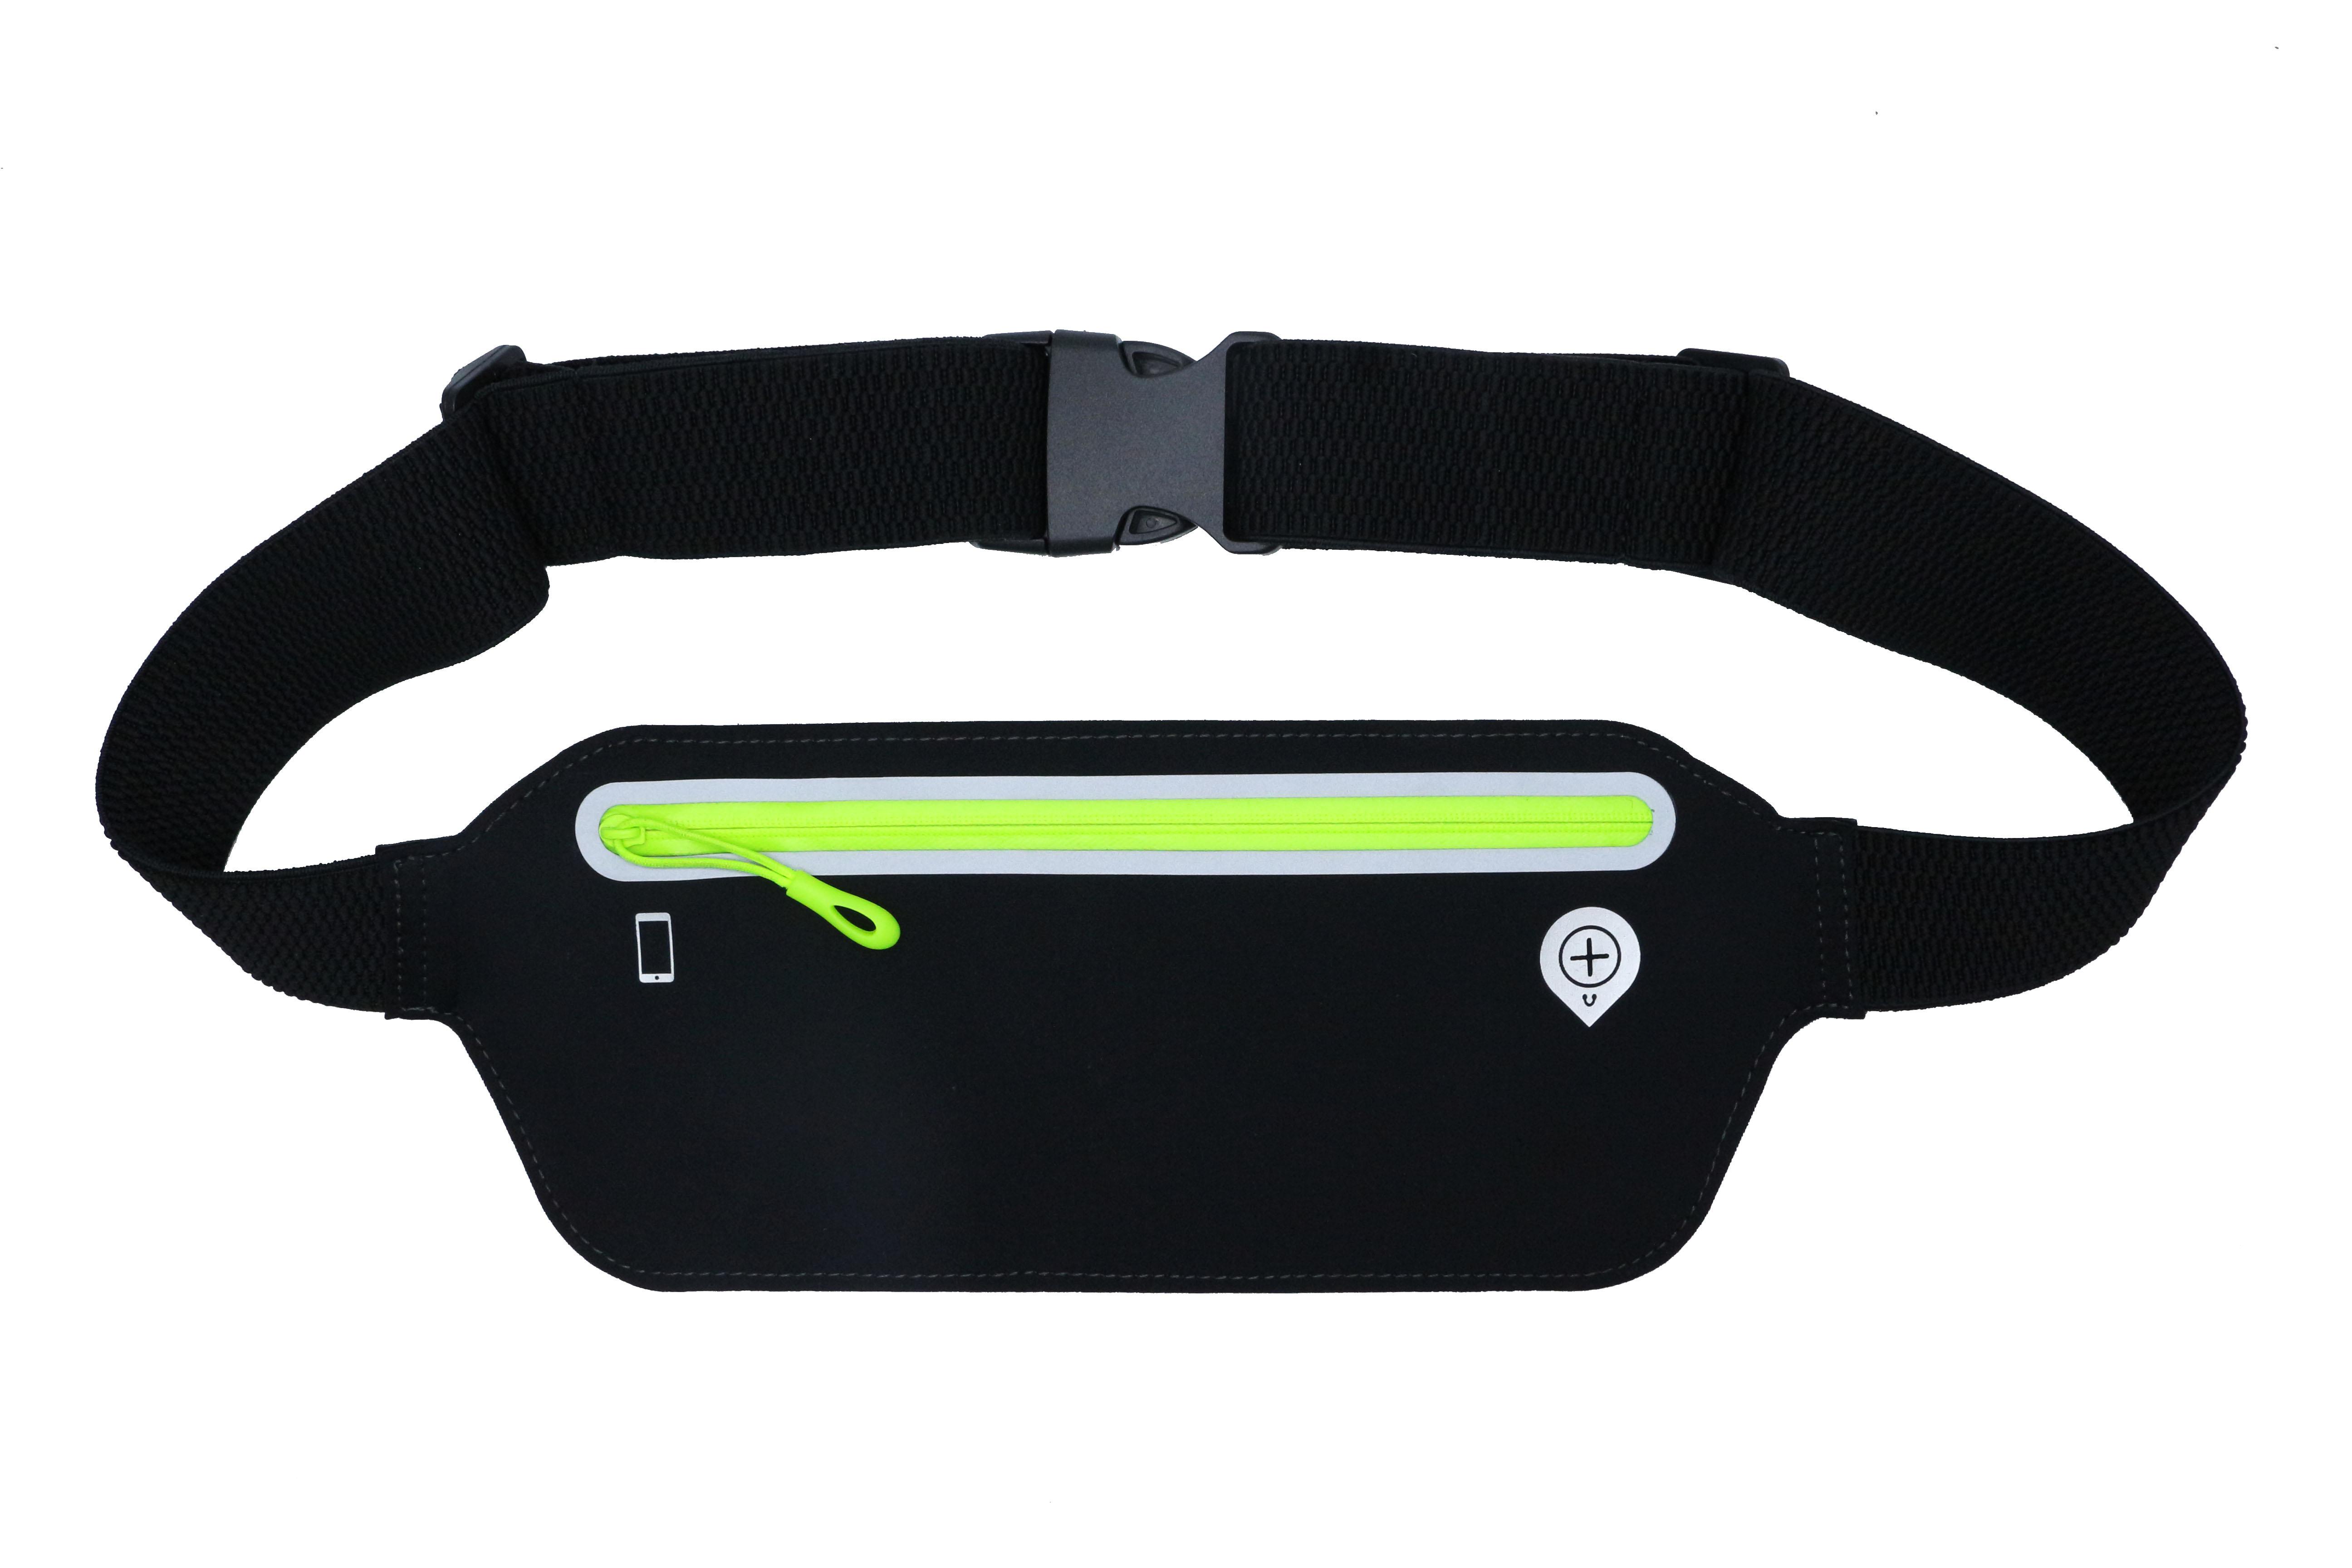 Black waist bag for running